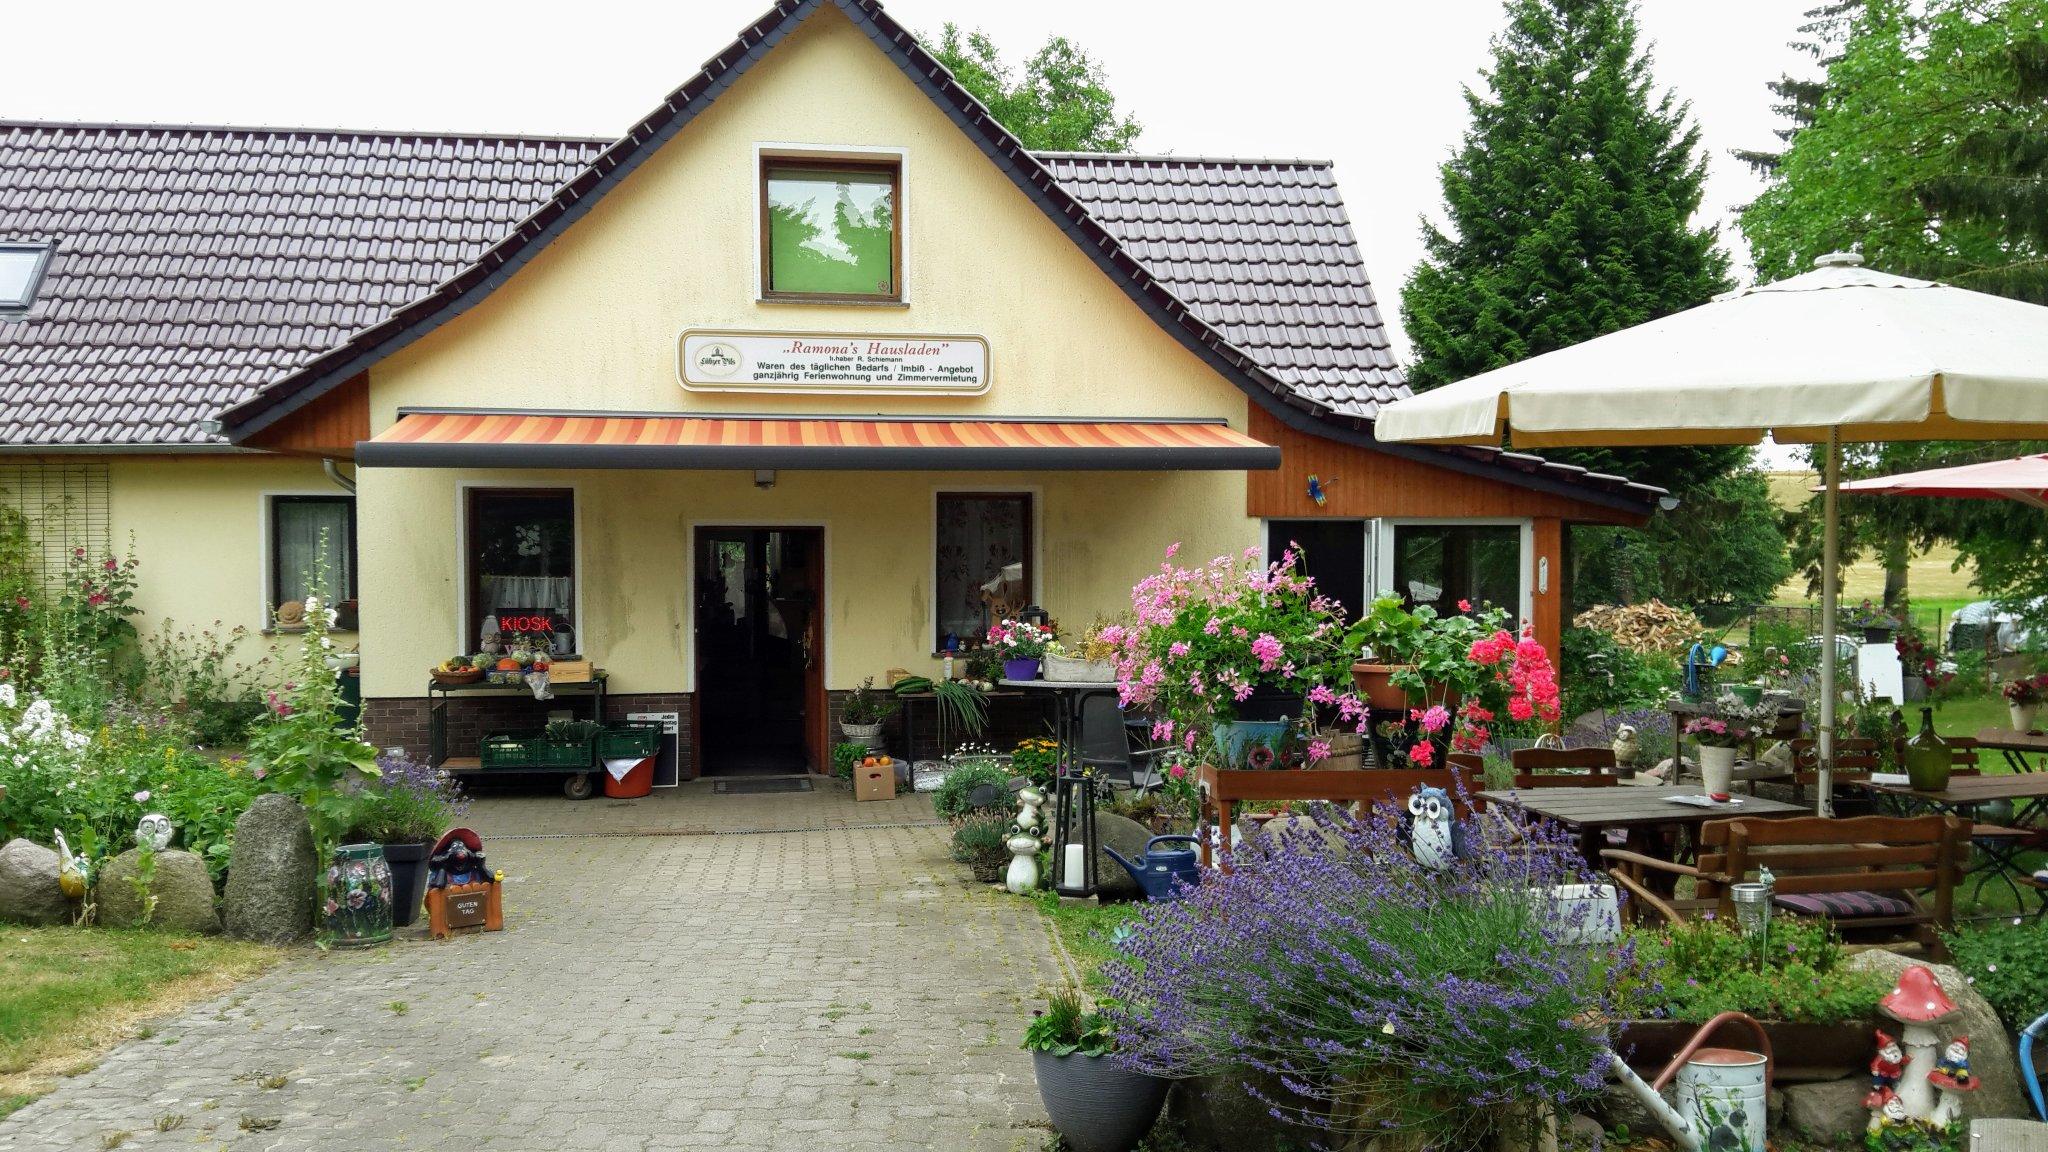 Haus & Hofladen in Krienke